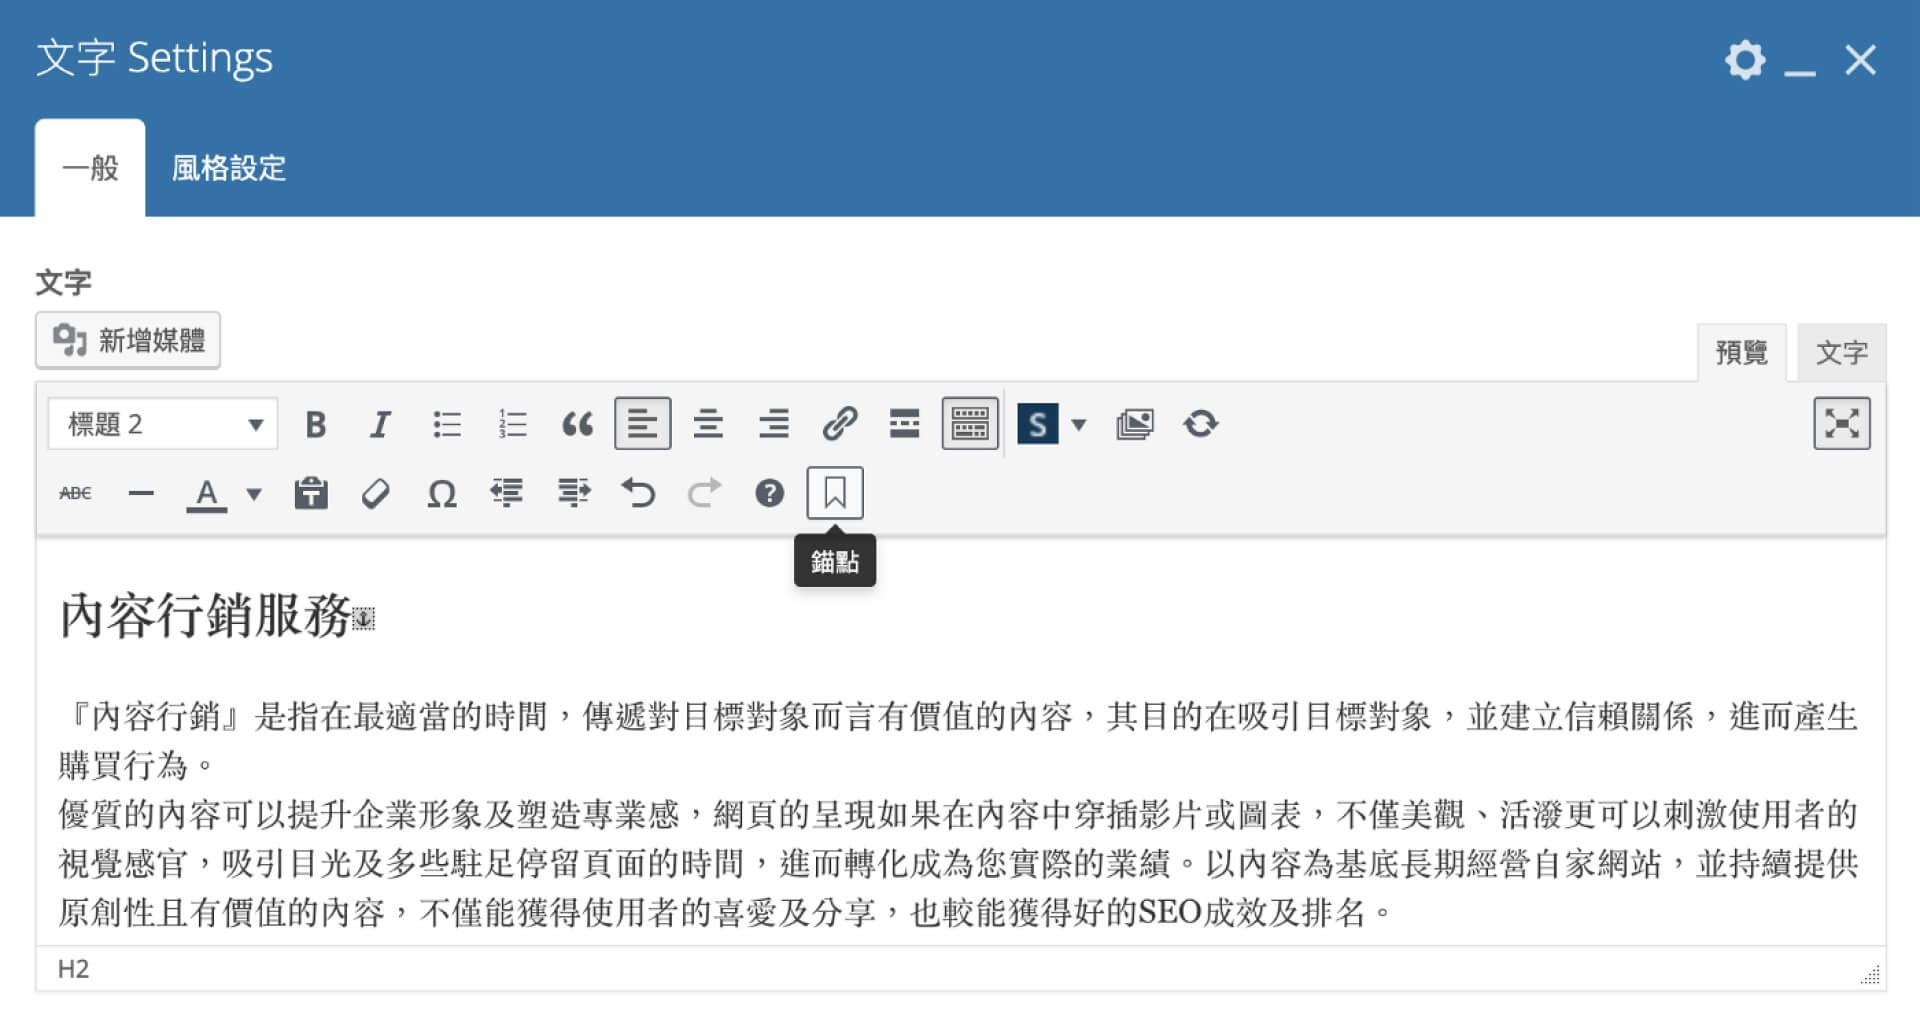 錨點的設定方式,可以在文字編輯器中點擊「錨點圖示」設定名稱-IrvingLab 爾文實驗室